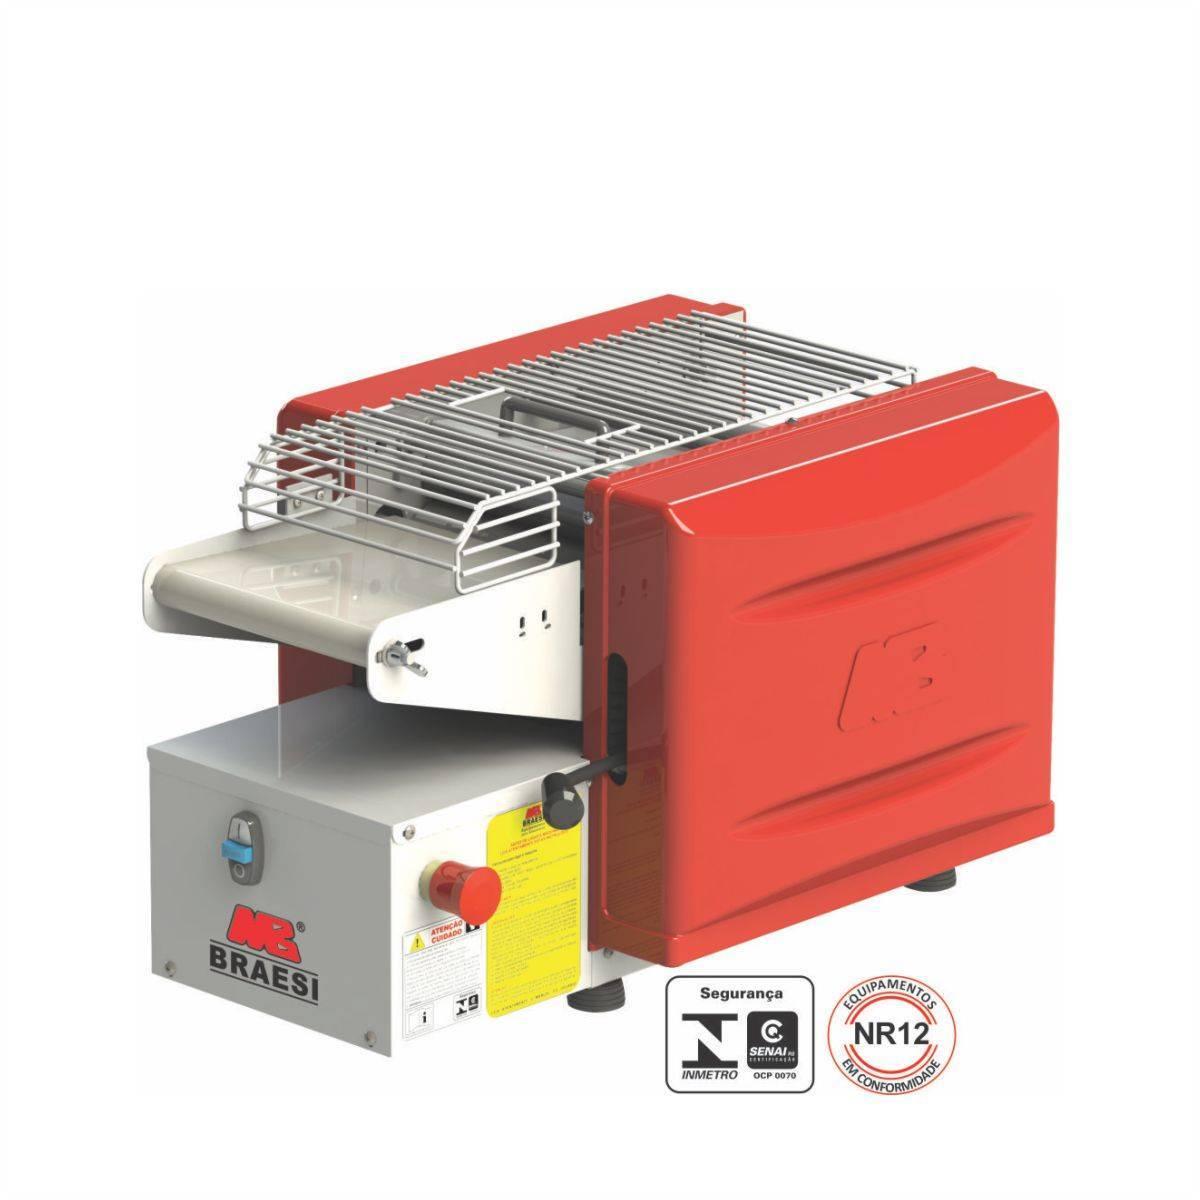 Modeladora de Pães Industrial 220mm MBMJ22/1 Braesi - Magazine do Chef